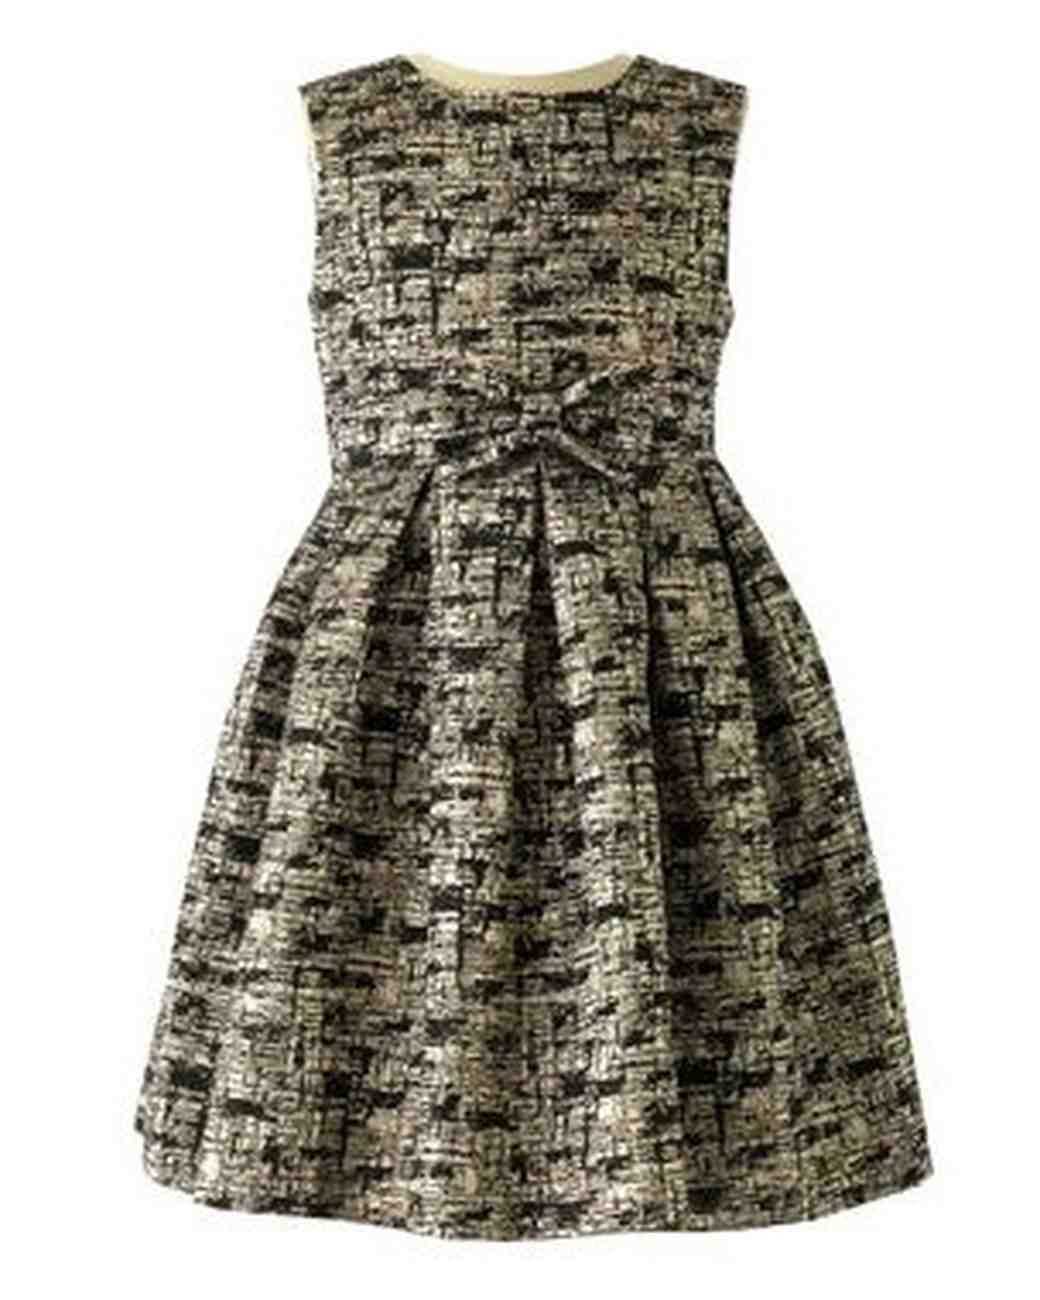 Damask Party Dress